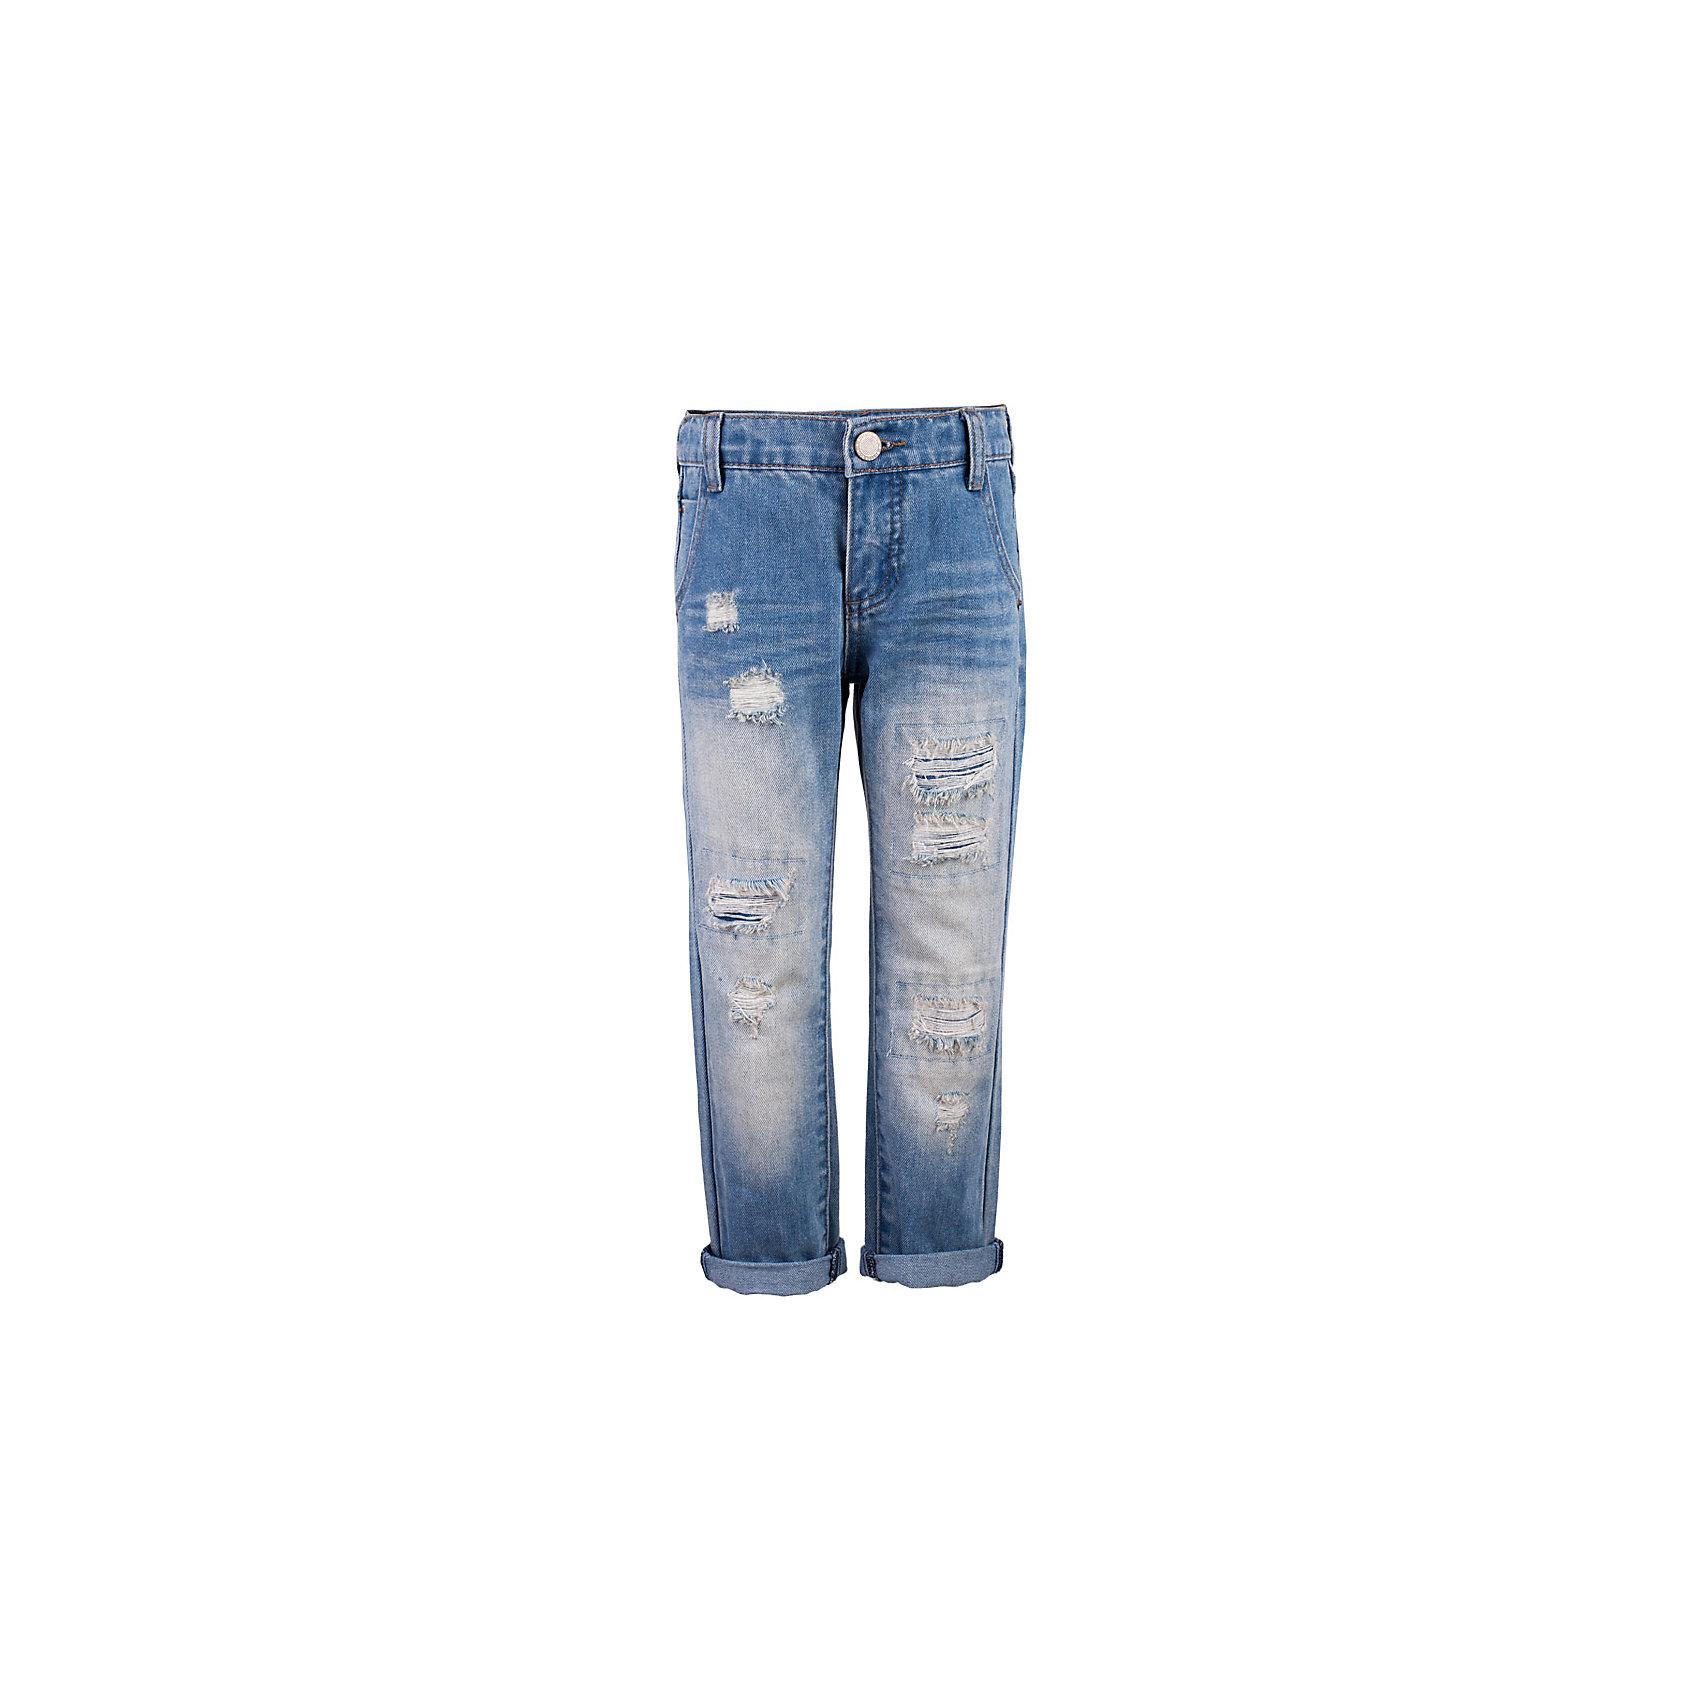 Джинсы для мальчика  BUTTON BLUEДжинсы<br>Джинсы для мальчика  BUTTON BLUE<br>Классные голубые джинсы с потертостями и повреждениями — гарантия модного современного образа! Хороший крой, удобная посадка на фигуре подарят мальчику комфорт и свободу движений. Если вы хотите купить ребенку недорогие модные джинсы классического силуэта, модель от Button Blue - прекрасный выбор!<br>Состав:<br>100%  хлопок<br><br>Ширина мм: 215<br>Глубина мм: 88<br>Высота мм: 191<br>Вес г: 336<br>Цвет: голубой<br>Возраст от месяцев: 144<br>Возраст до месяцев: 156<br>Пол: Мужской<br>Возраст: Детский<br>Размер: 158,98,104,110,116,122,140,146,152<br>SKU: 5524689